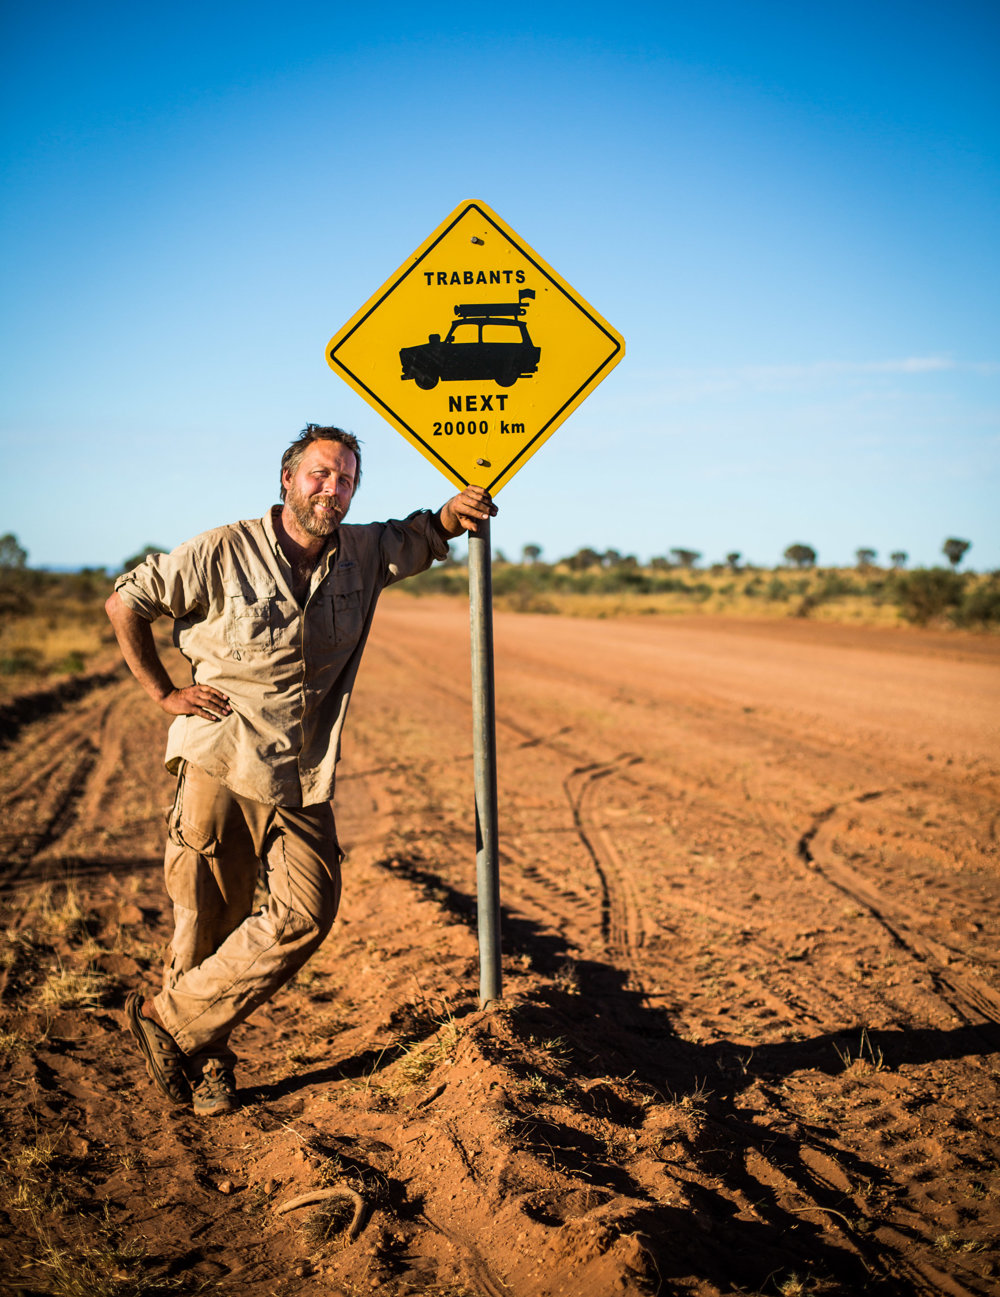 Dan Přibáň (40) je režisér a cestovateľ a bývalý český novinár. Predtým pracoval ako redaktor v MF DNES a v časopise ABC. V roku 2007 odišiel na prvú výpravu na trabantoch po Hodvábnej ceste do Uzbekistanu, nasledovali ďalšie tri expedície v Afrike, Južnej Amerike a Tichomorí.